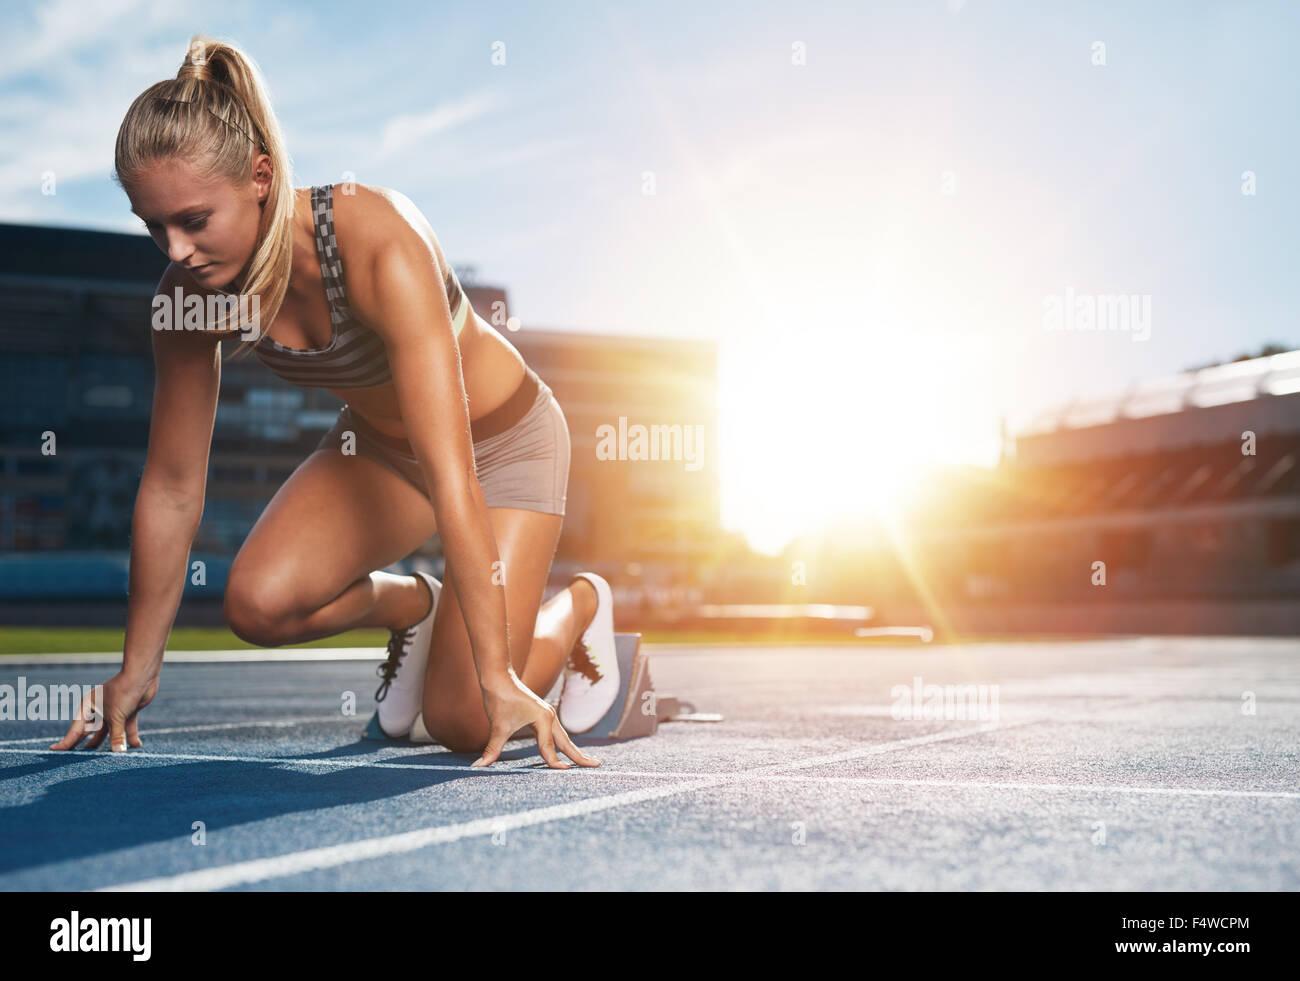 Donna giovane atleta alla posizione di partenza pronta per iniziare una corsa. Velocista femmina pronto per l'esercizio Foto Stock